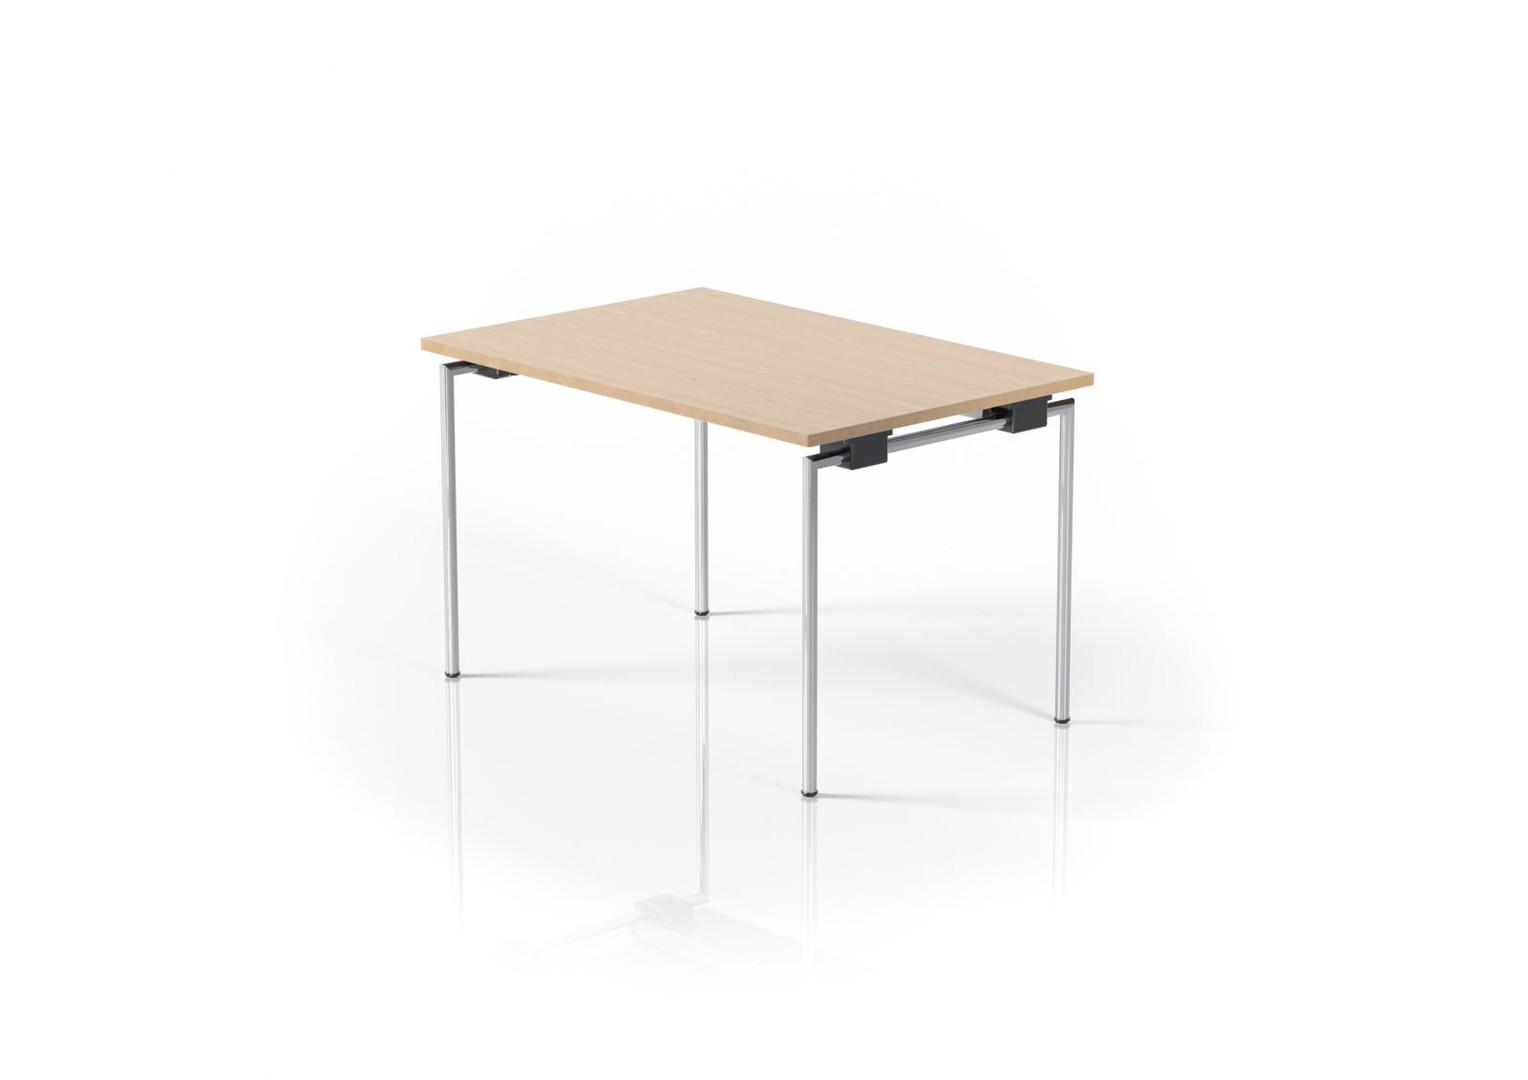 Klaptafel-2-1600x1131.jpg